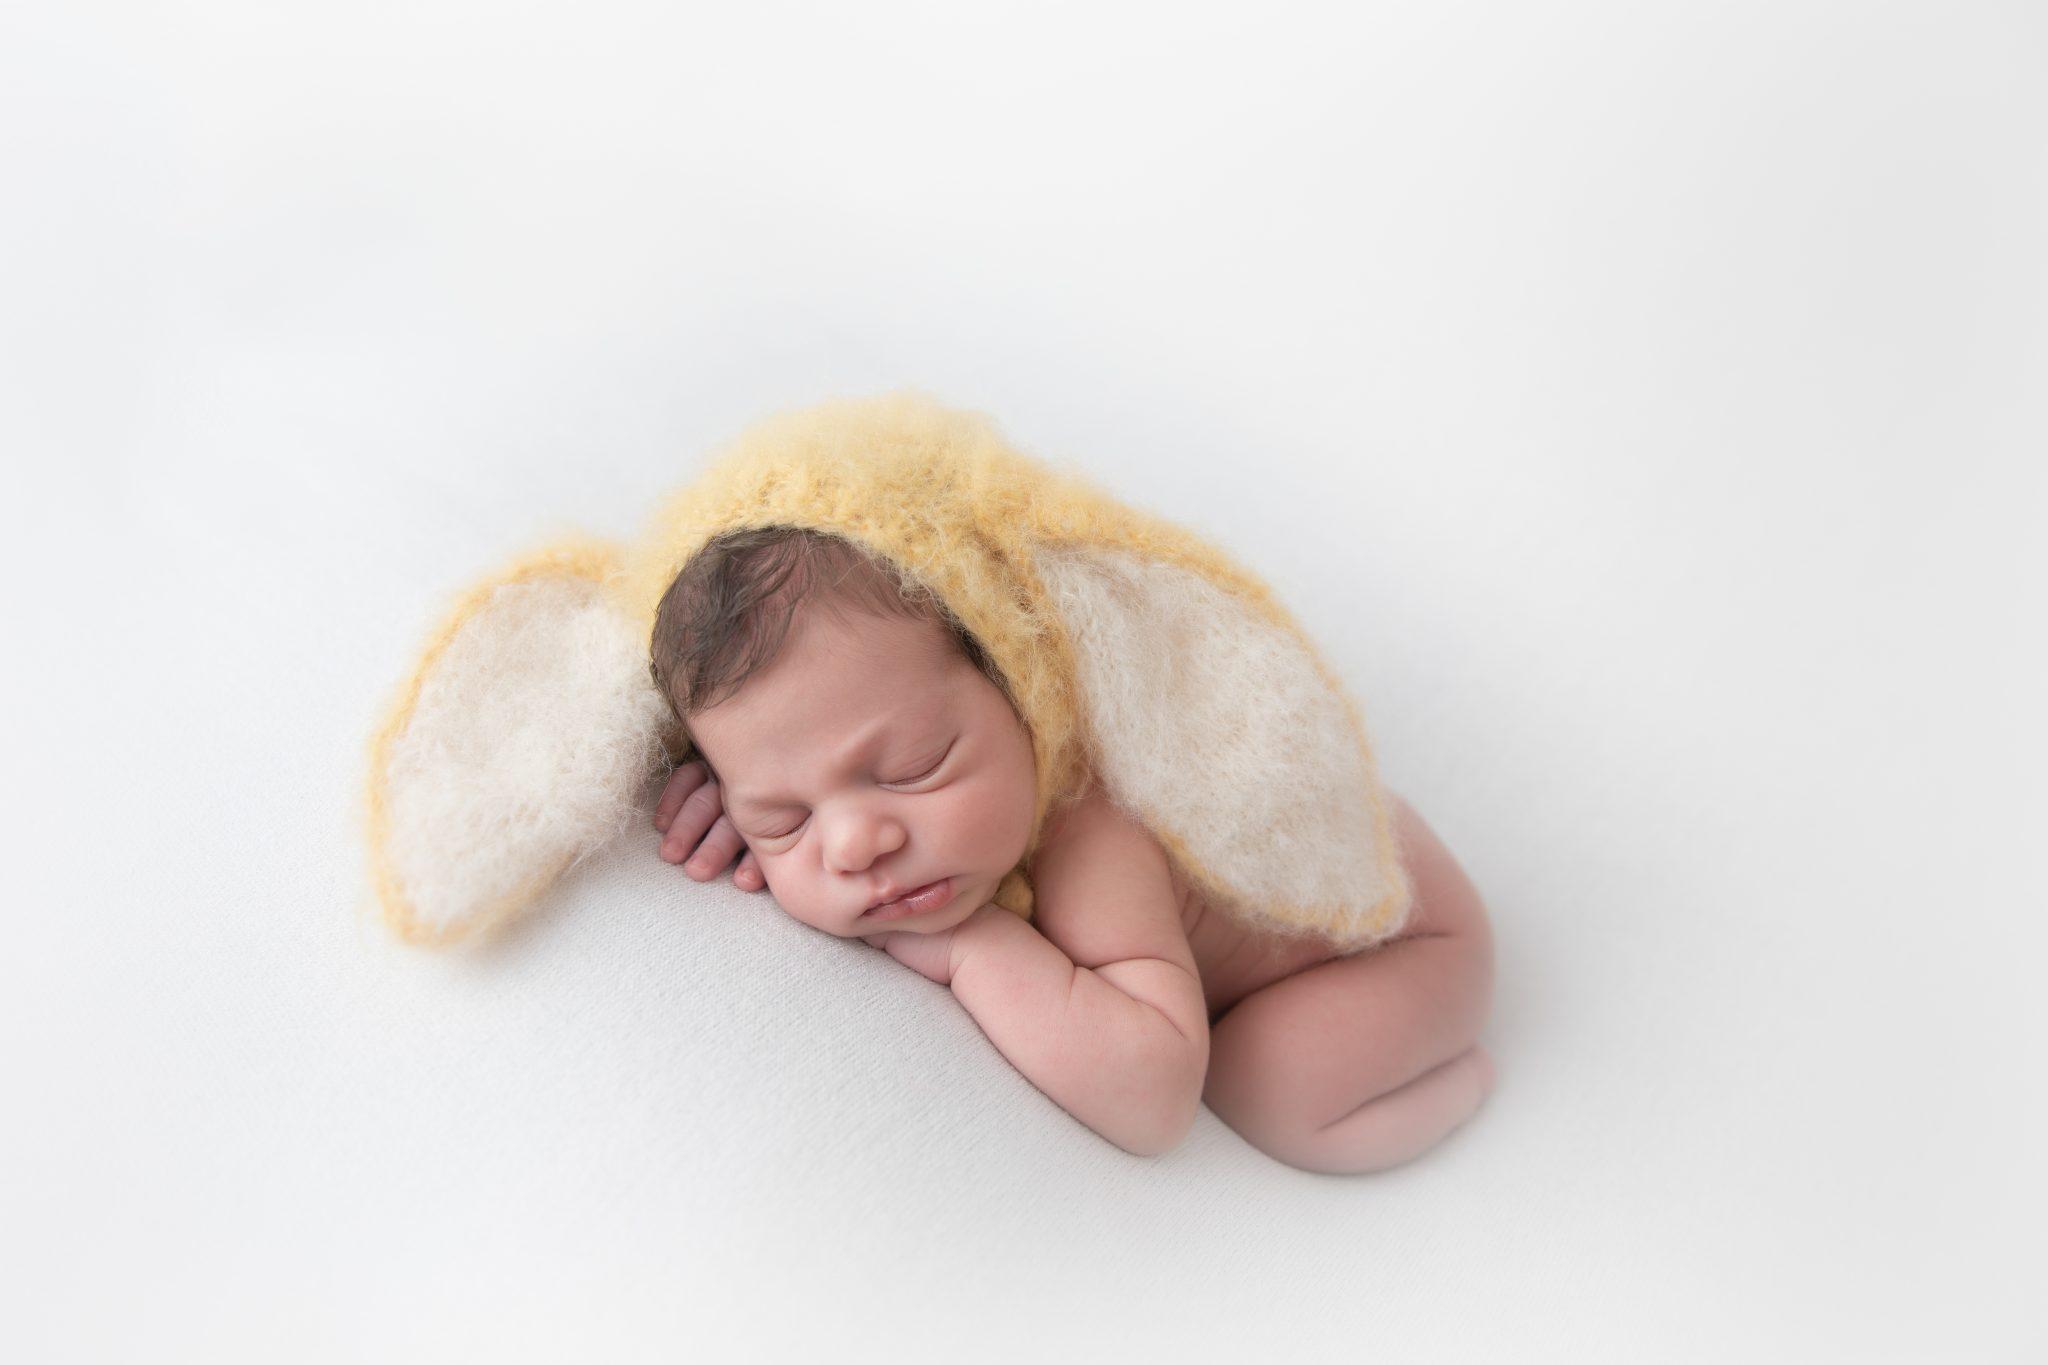 sesiones de fotos recién nacidos